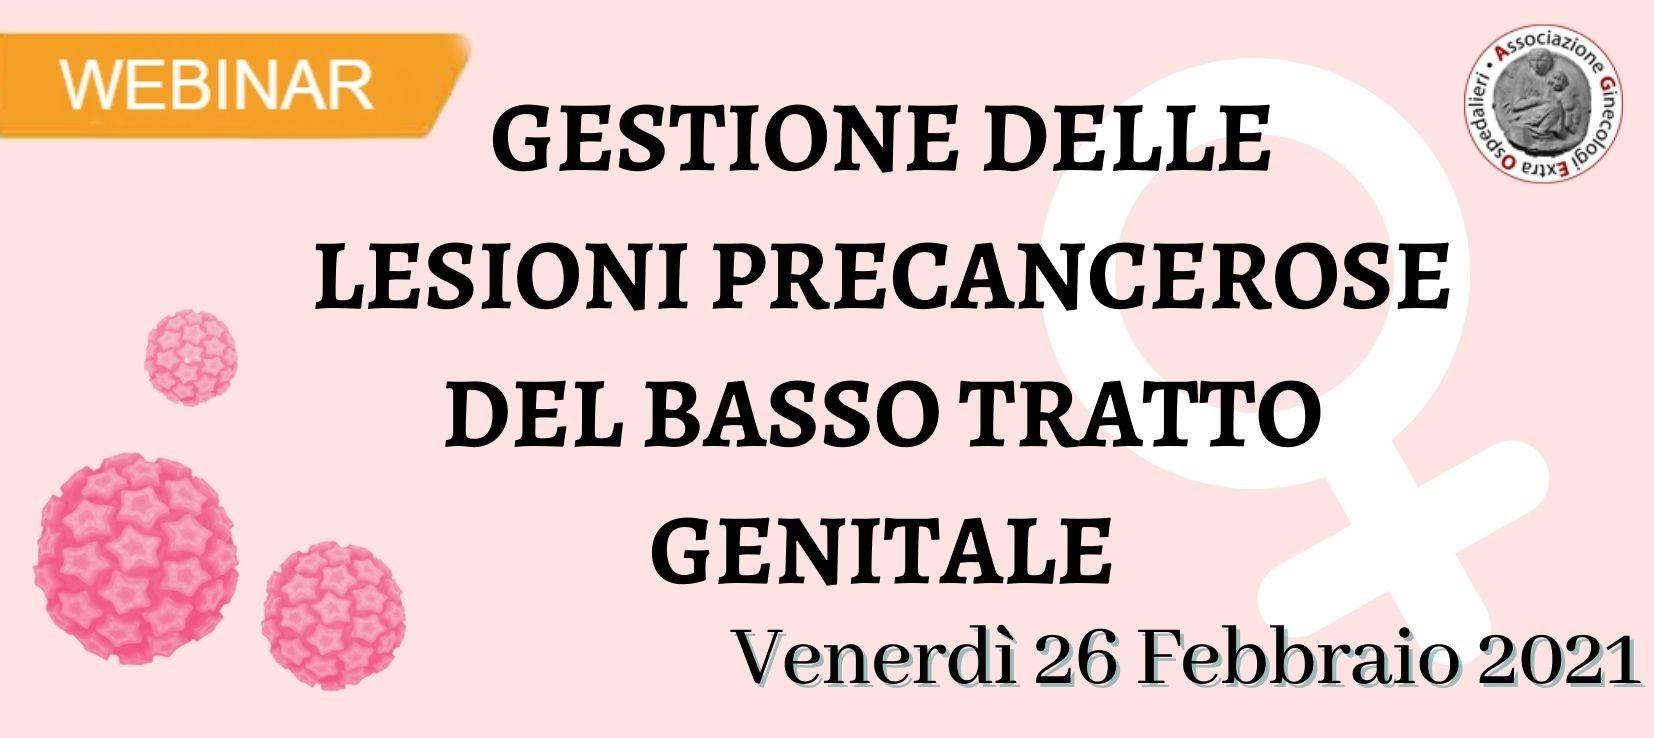 Gestione delle lesioni precancerose del basso tratto genitale